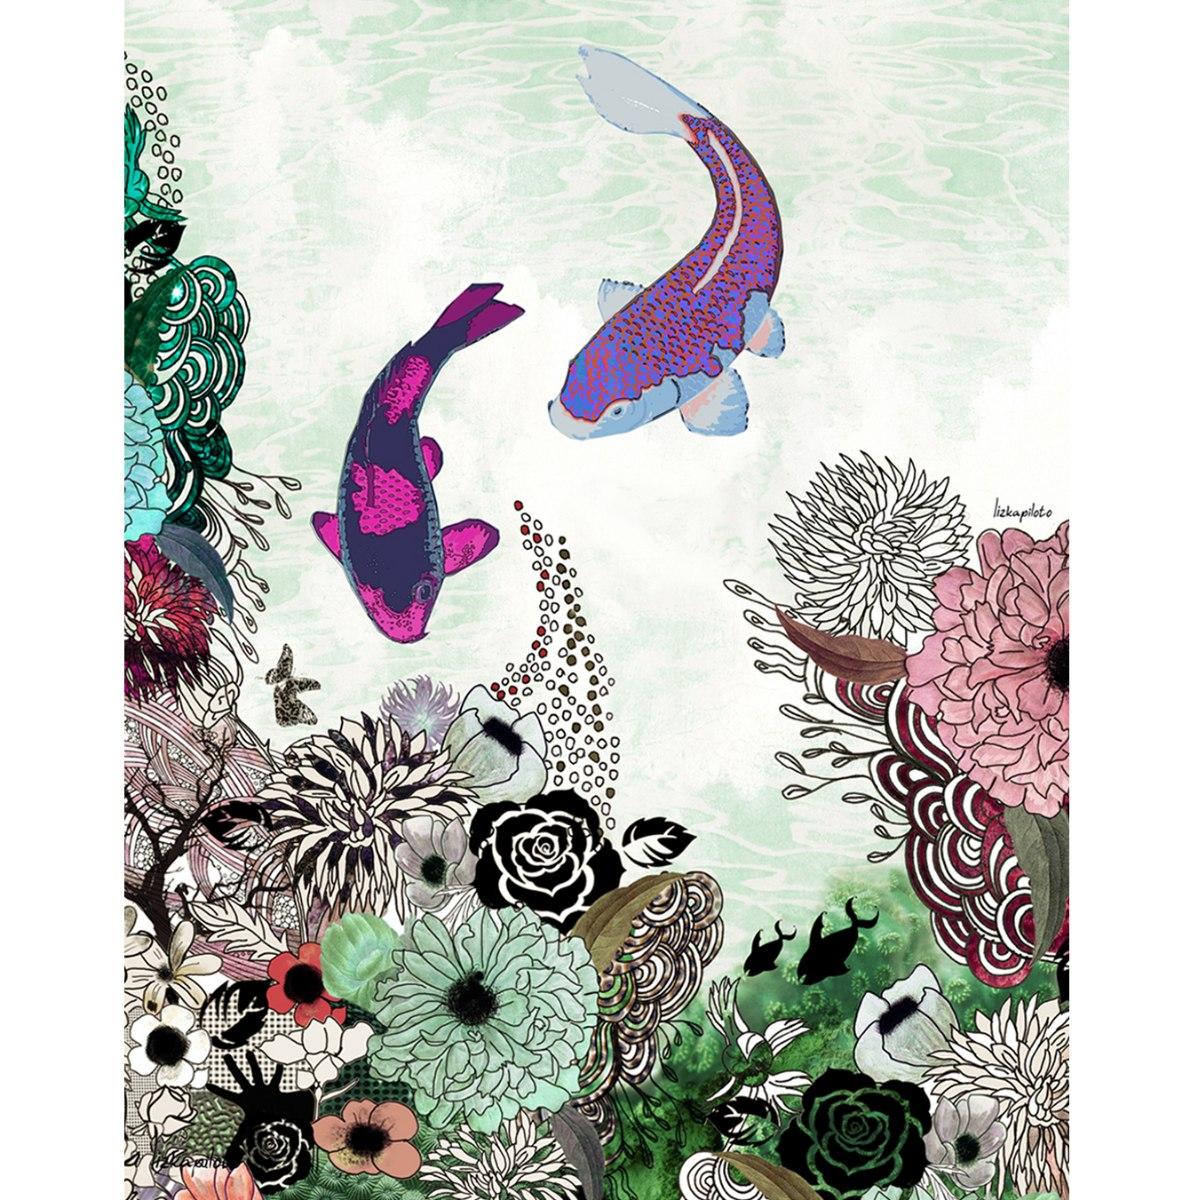 ציור פנג שואי דגי קוי